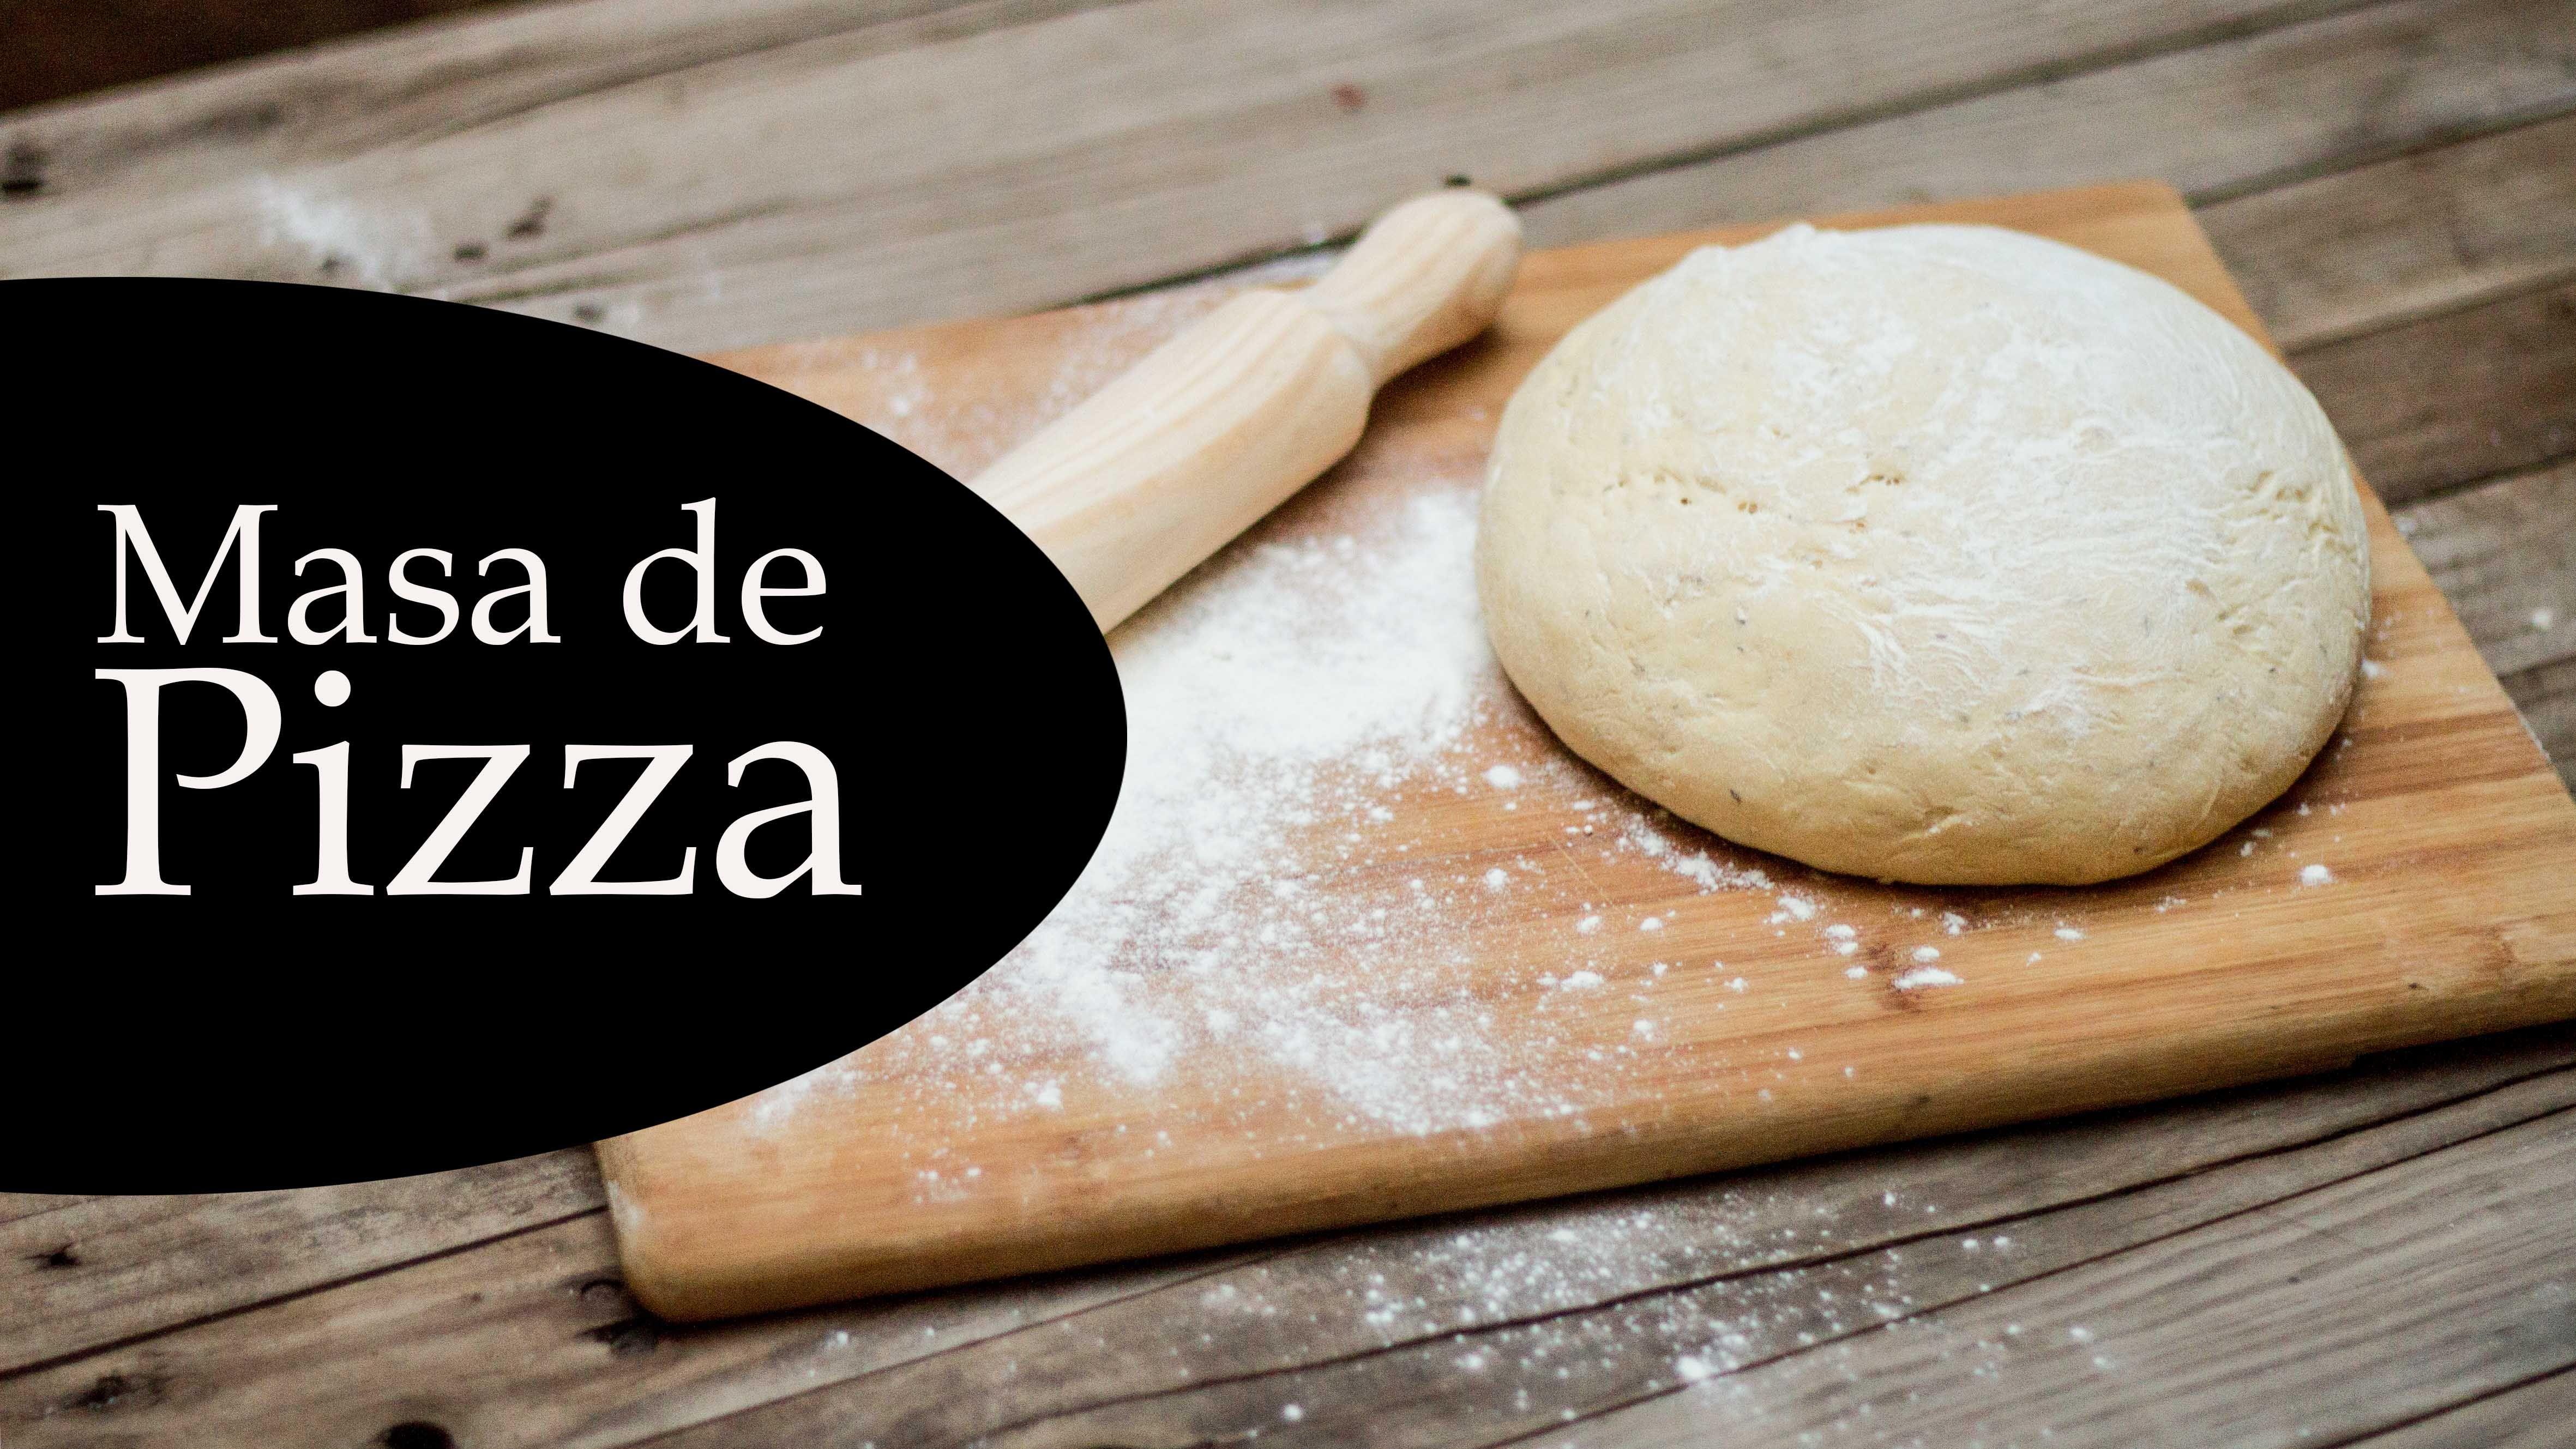 Cómo Hacer Una Masa De Pizza Casera Fácil Y Esponjosa Con Levadura Fresca De Forma Casera Una Masa Que Te Servirá Cómo Base Para Tu Pizza F Hamburger Food Bun